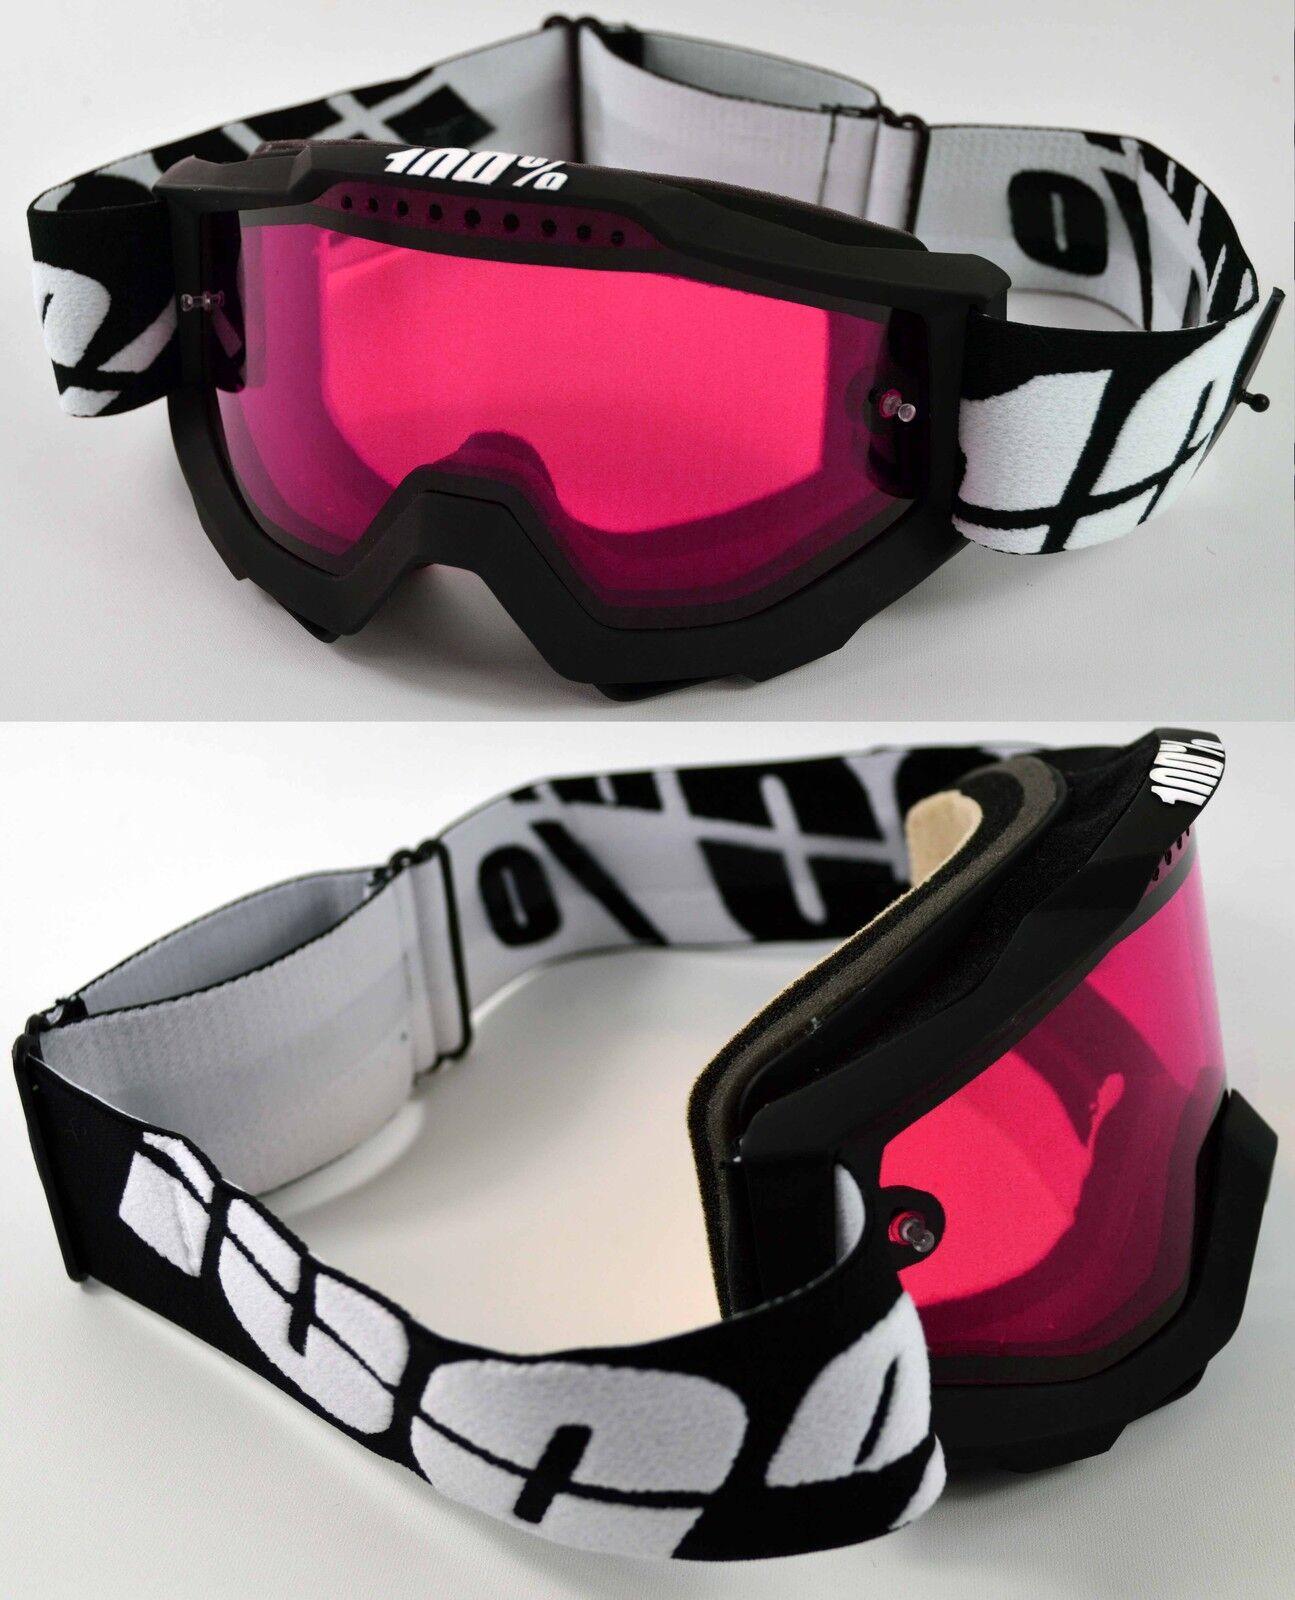 100% Percent Accuri Snowboard Skibrille black mit Doppelt Entlüftet pink pink